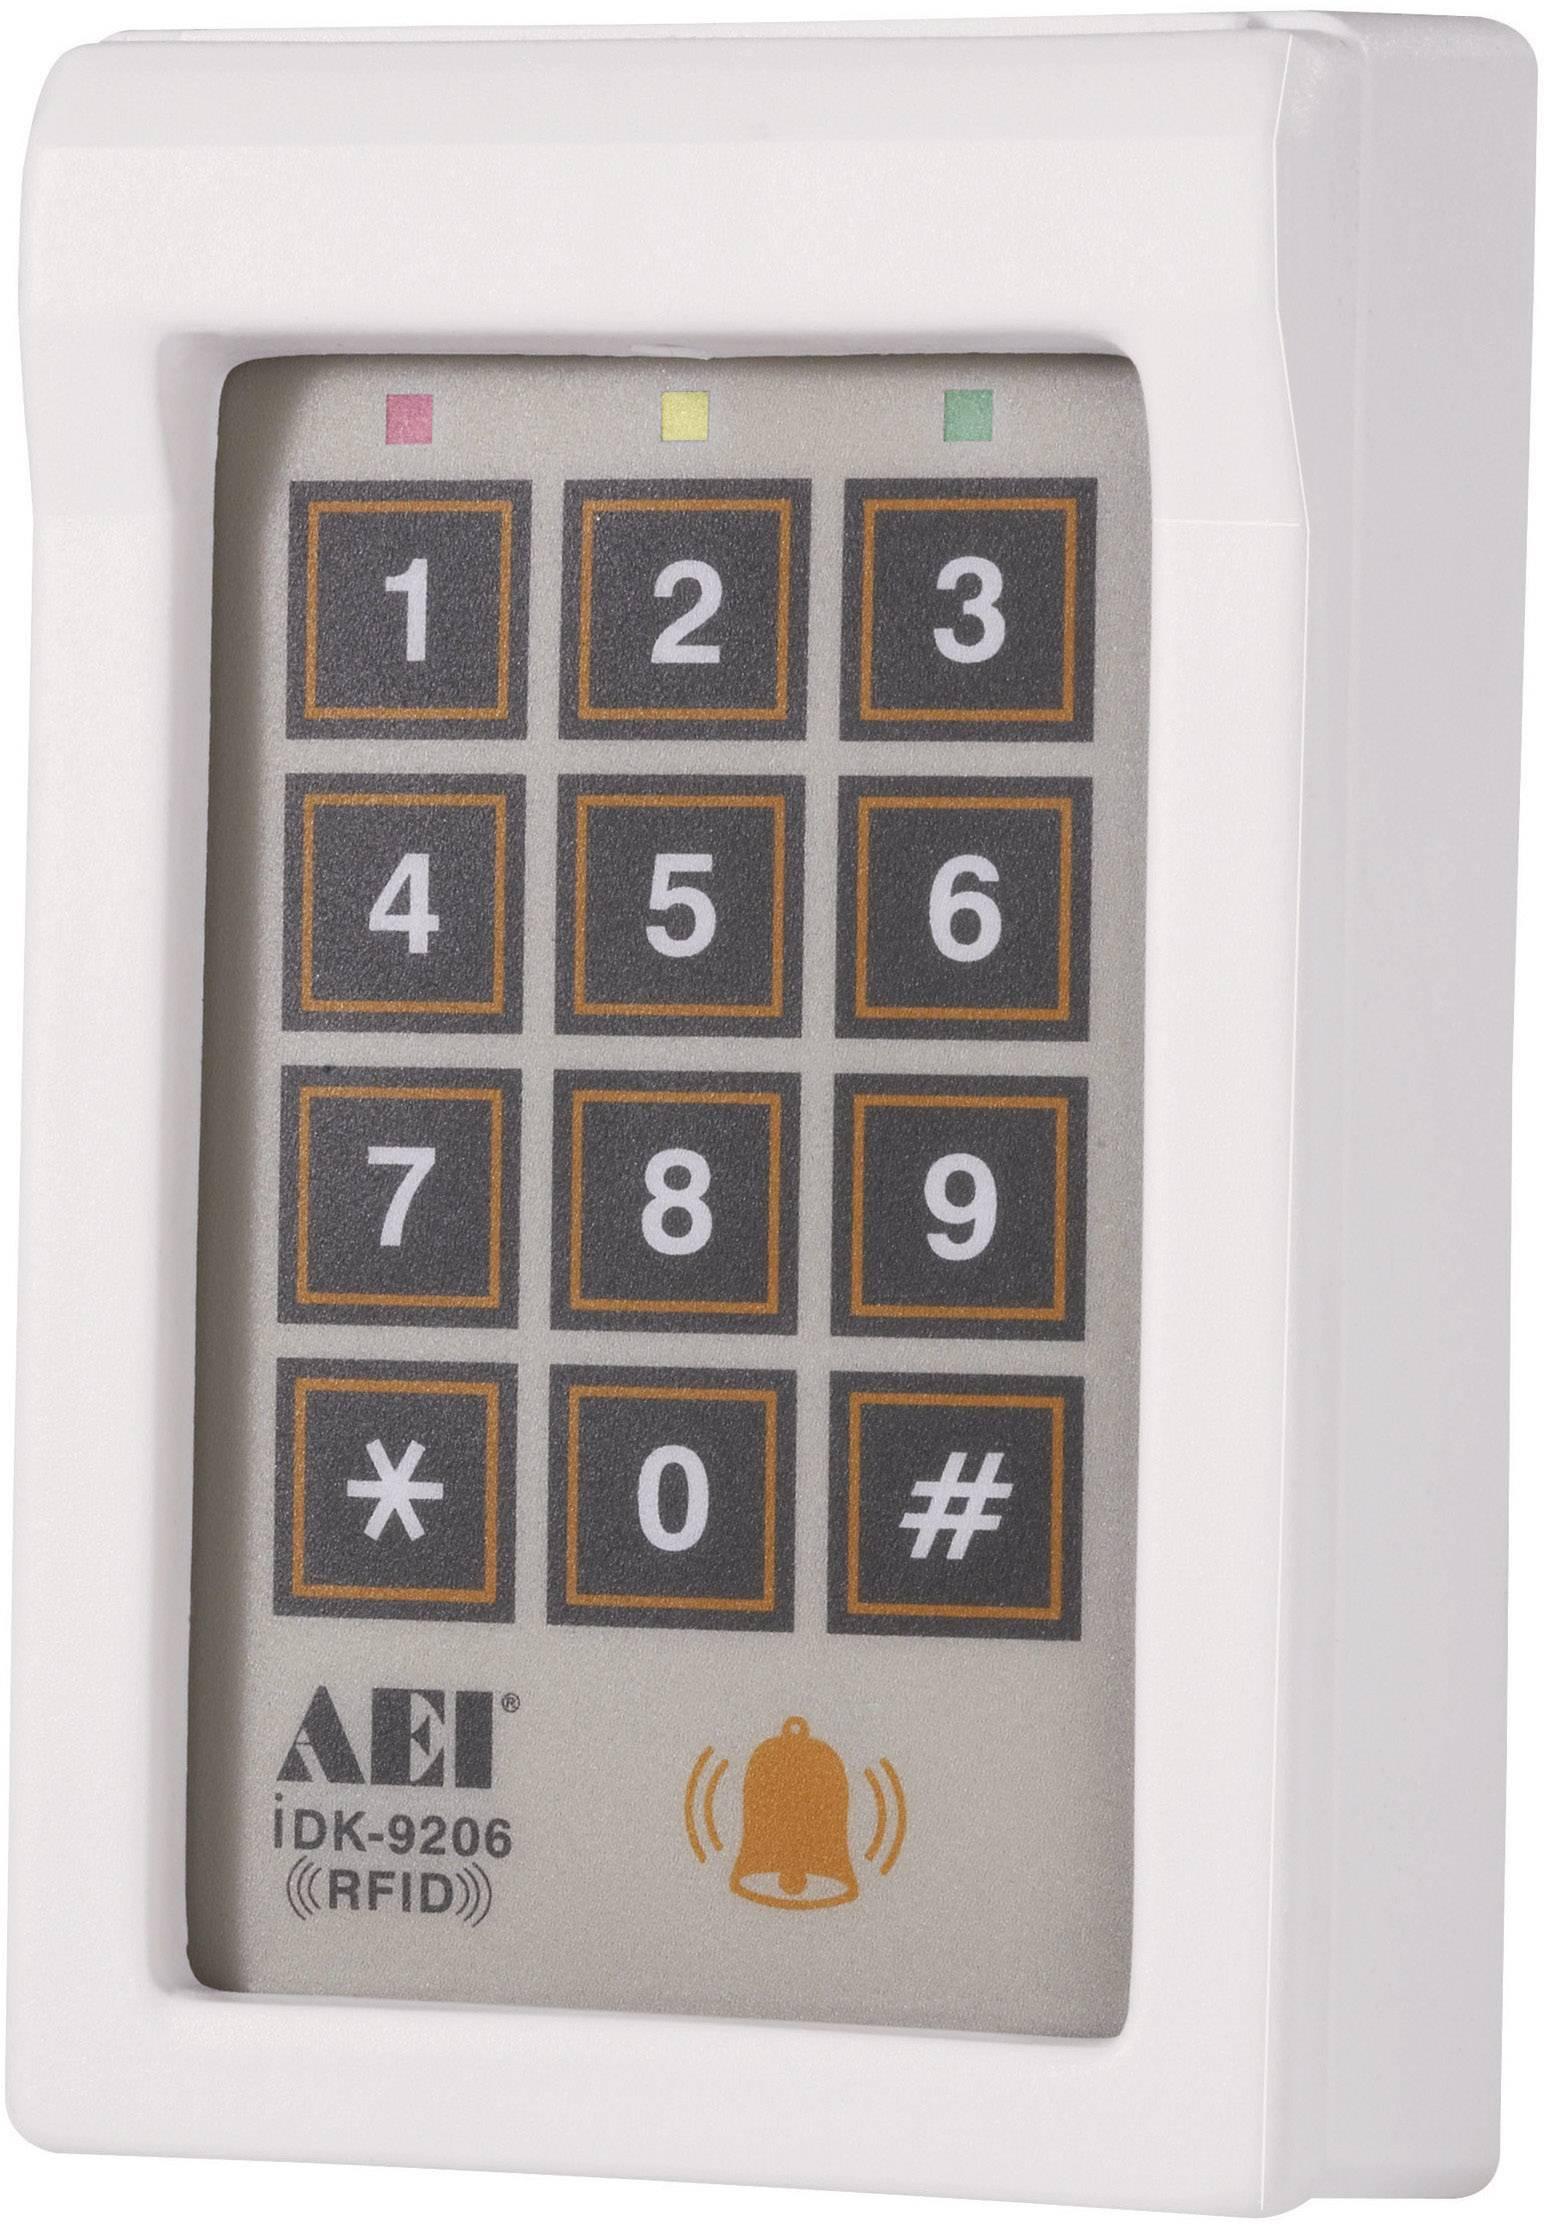 Vodeodolný kódový zámok s čítačkou kariet iDK-9206